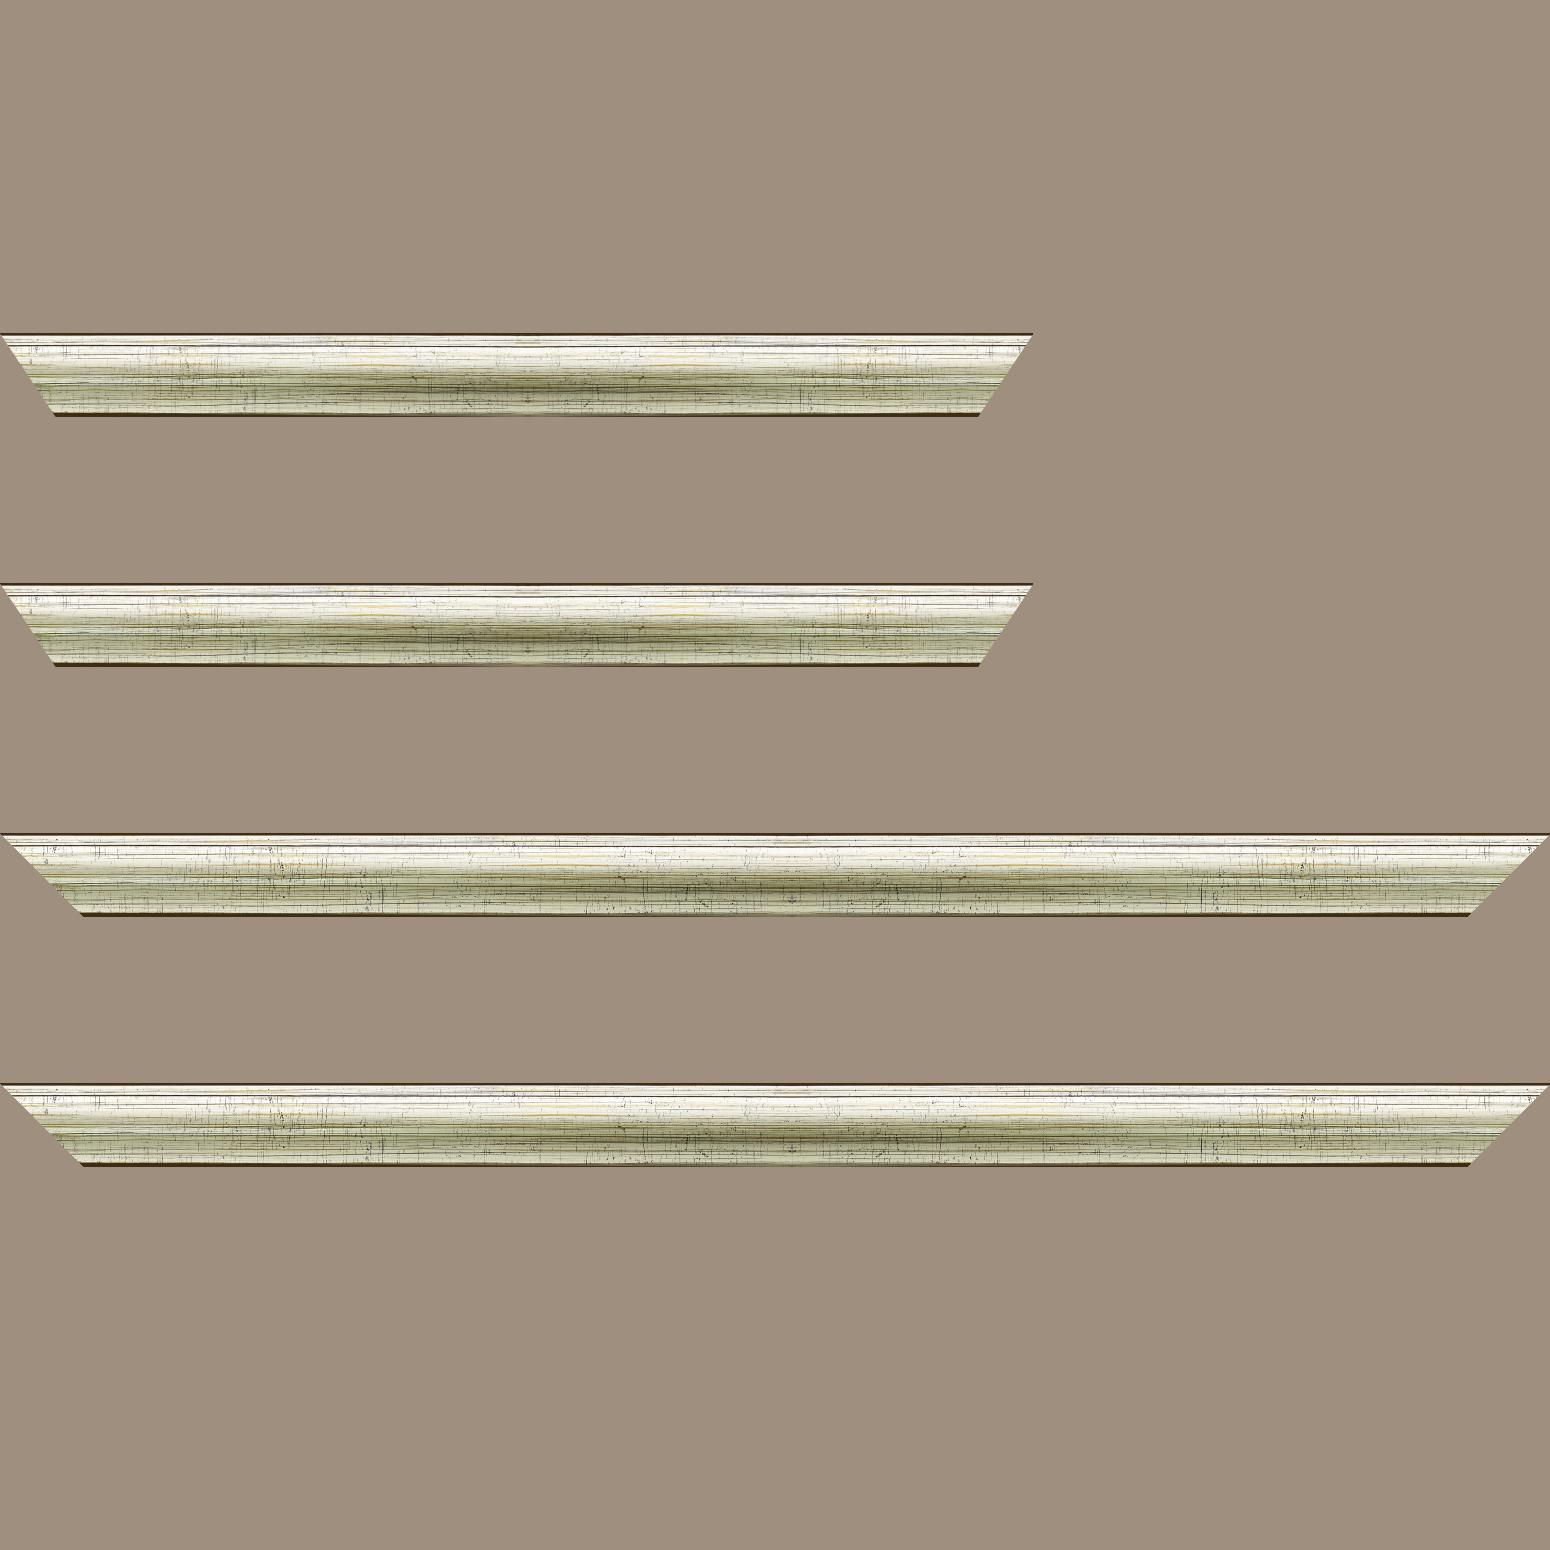 Baguette service précoupé Bois profil arrondi plongeant largeur 2.4cm couleur vermeille effet oxydé